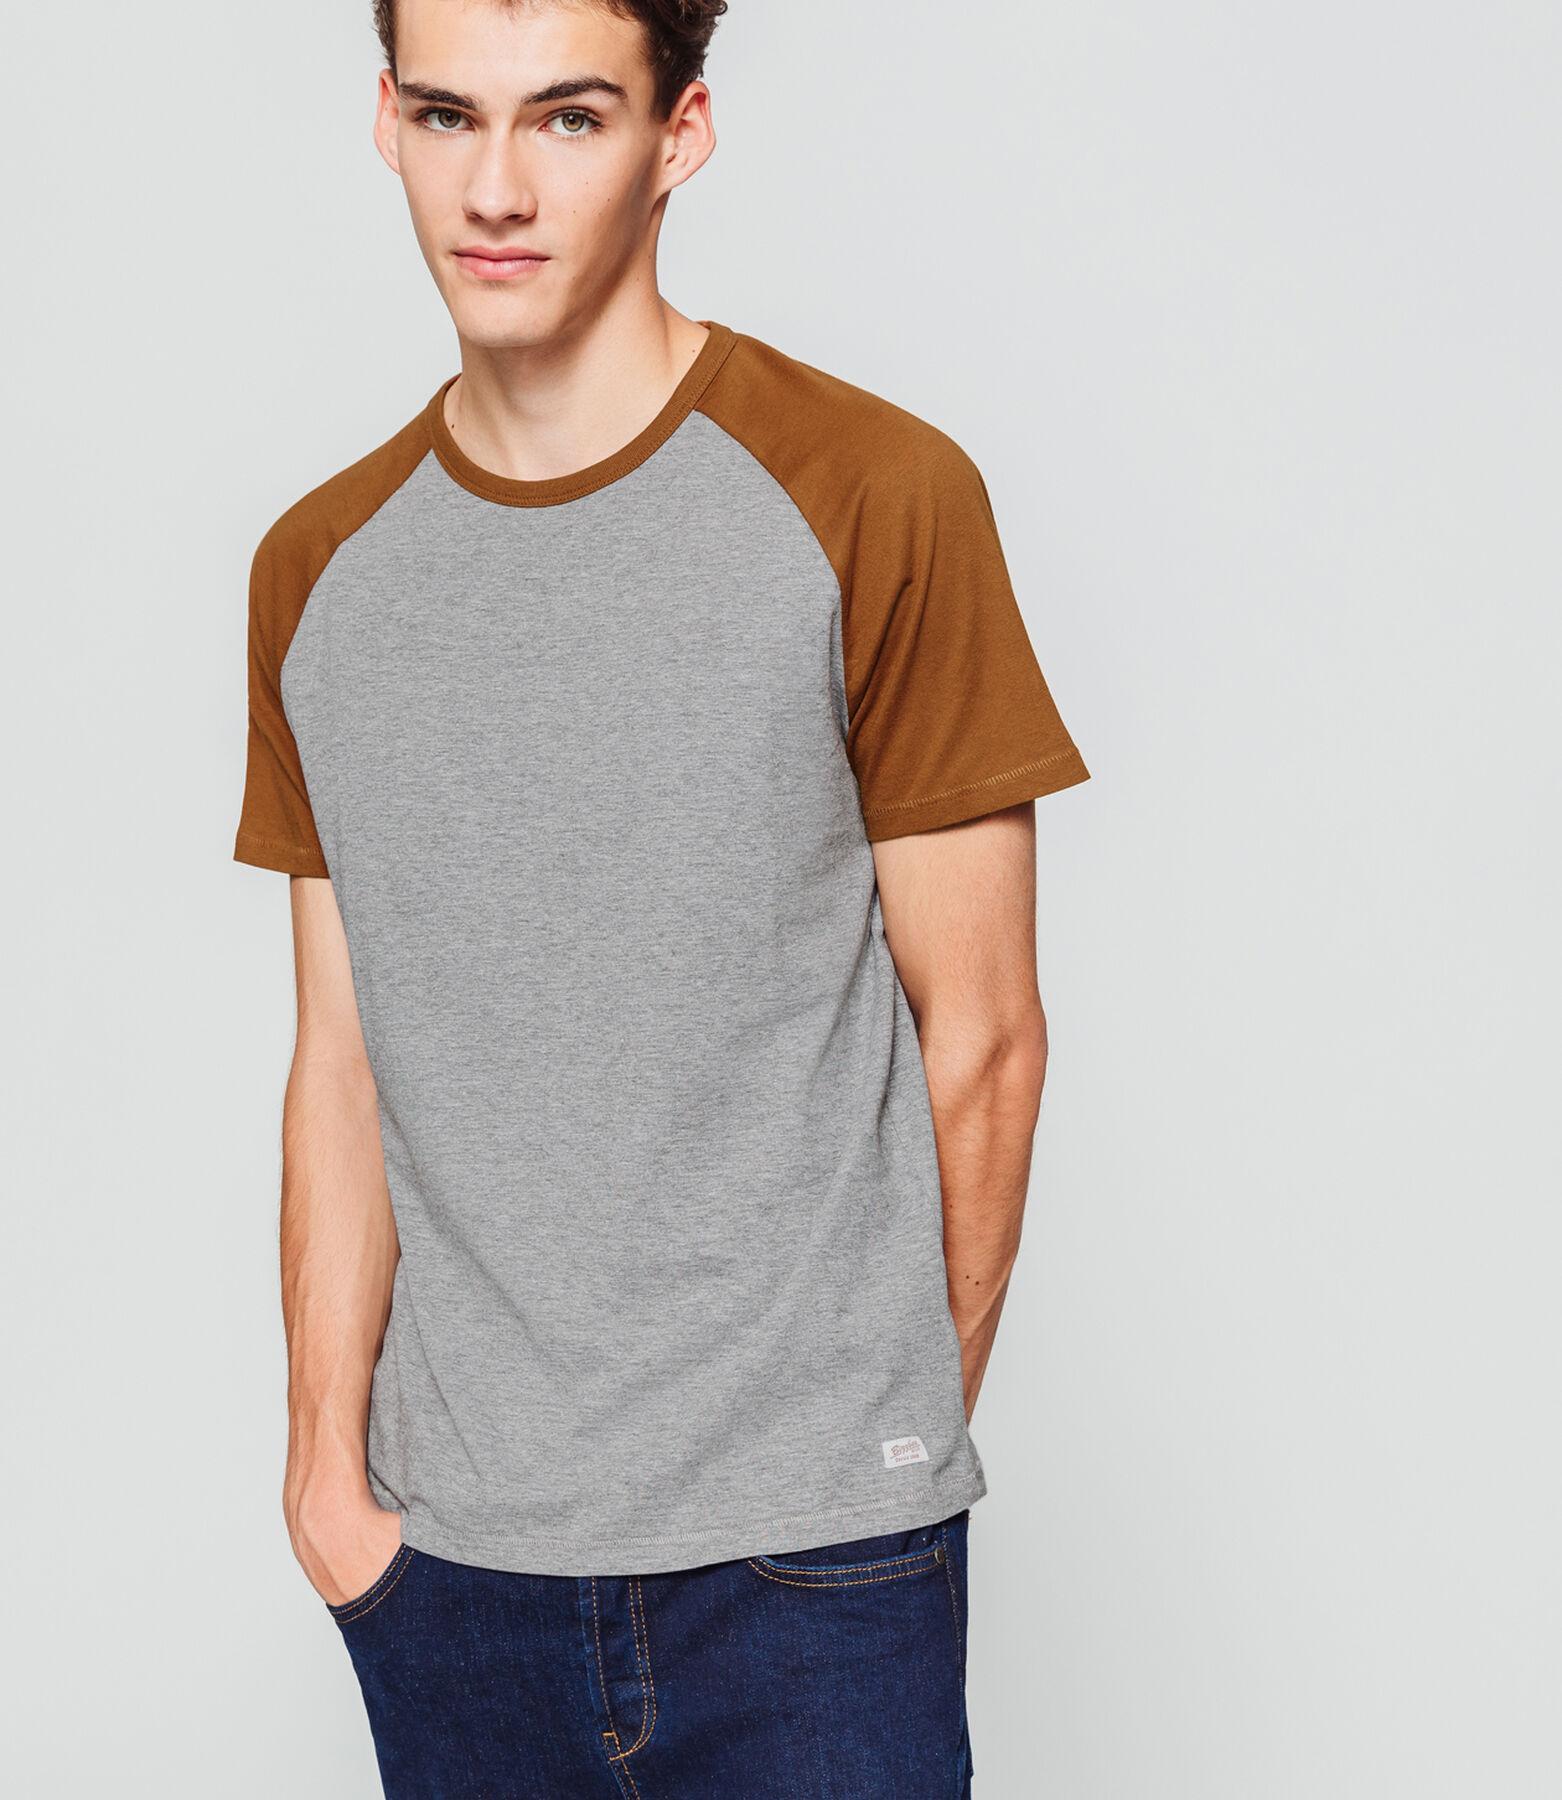 T-shirt manches courtes, raglan.